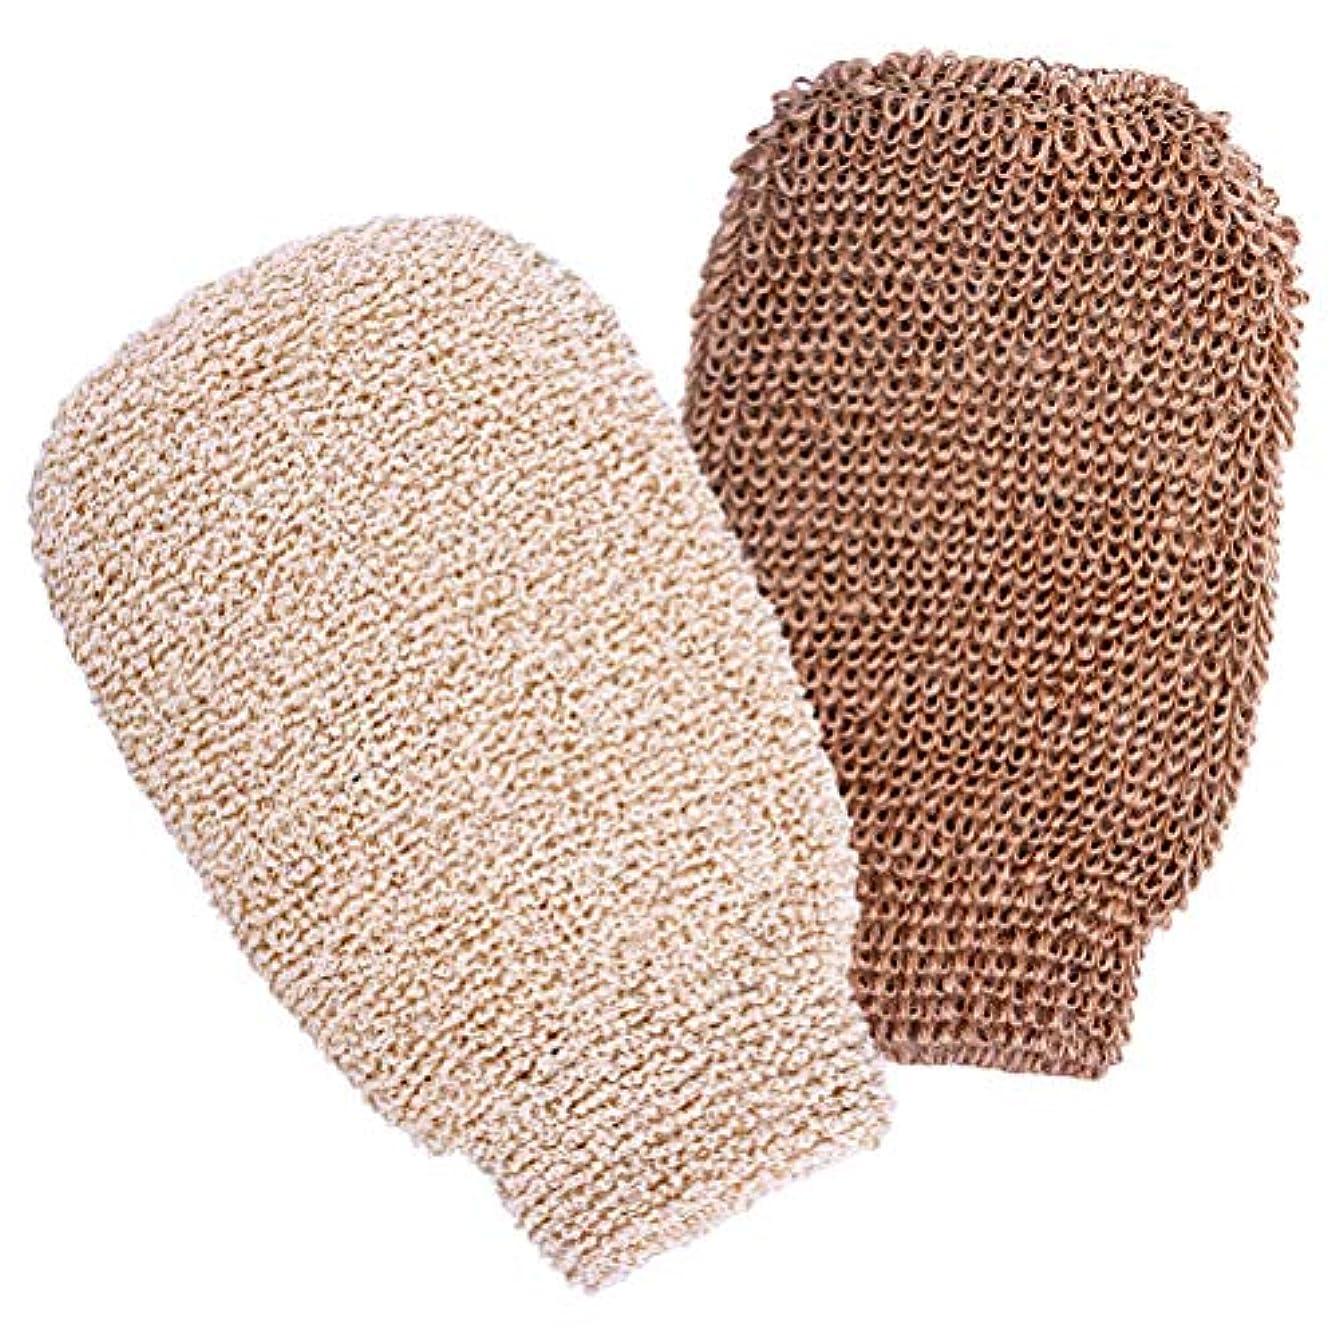 ヘクタール不利益ペインギリックFBYED 2個 シャワージェル手袋スキンケア手袋 天然亜麻繊維 天然竹繊維製 入浴用手袋 安全性 快適な 抗菌性 通気性 防腐剤 汗を吸収 角質除去と のスキンケア手袋